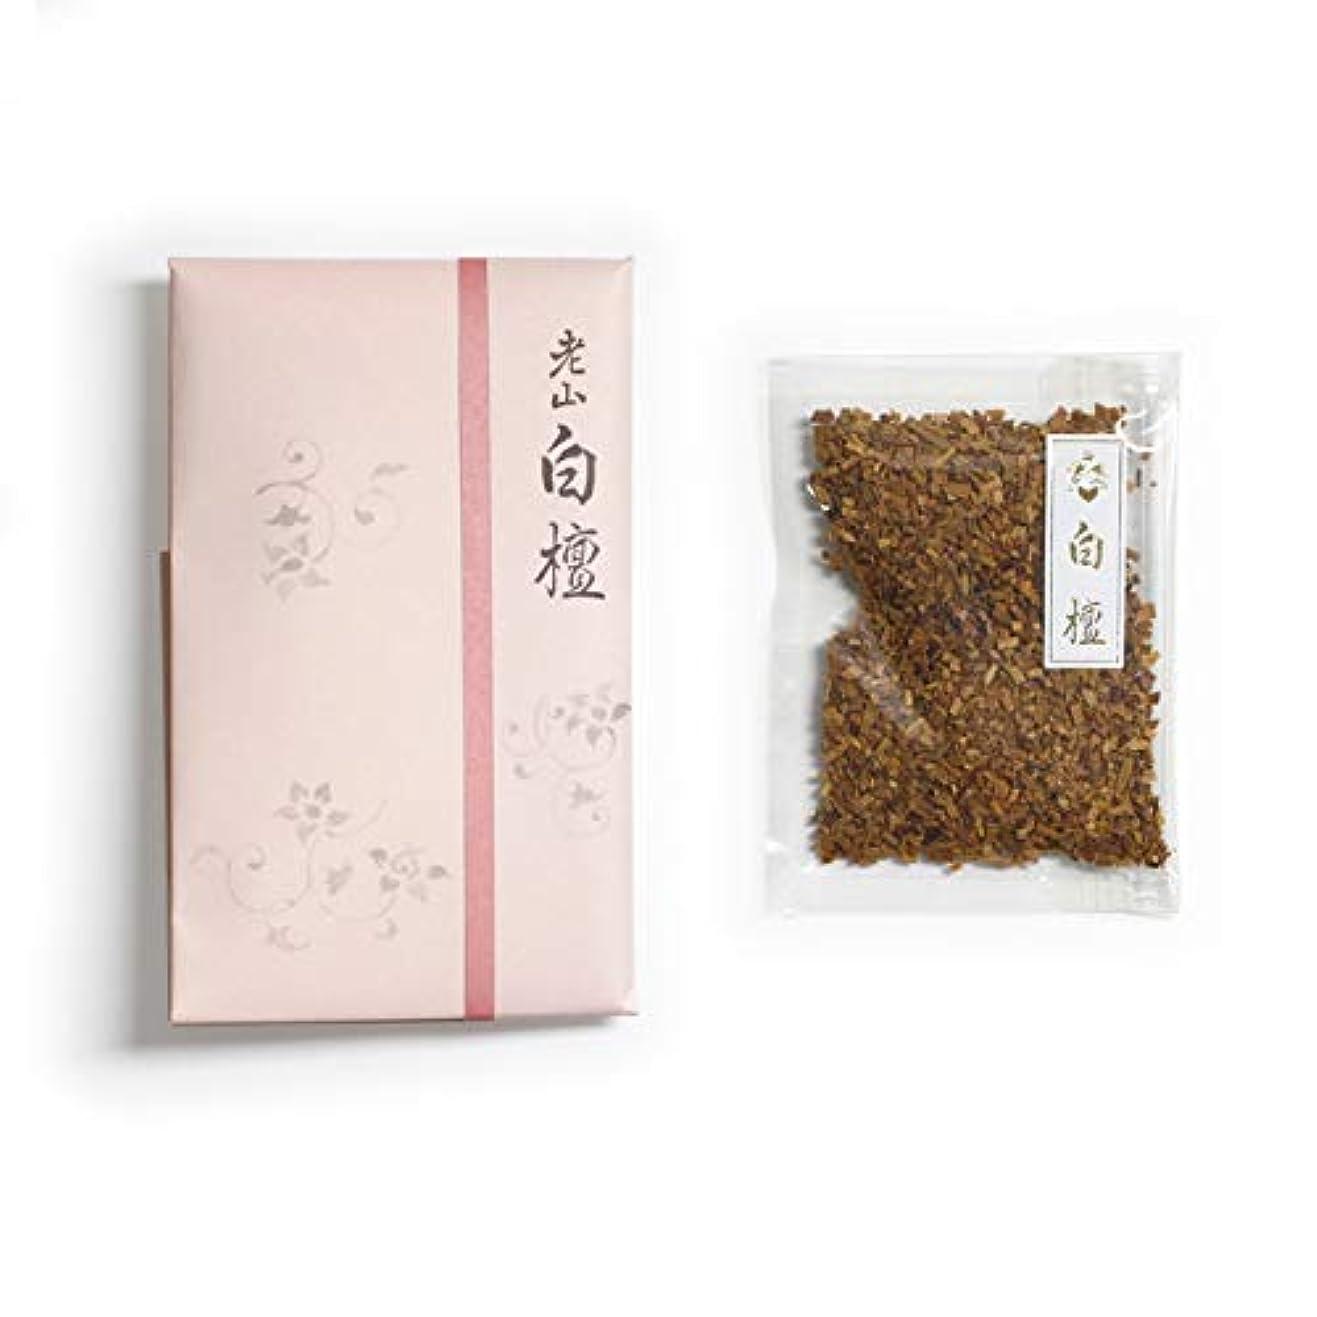 紫のステートメント病的香木 老山白檀 刻 10g 松栄堂製